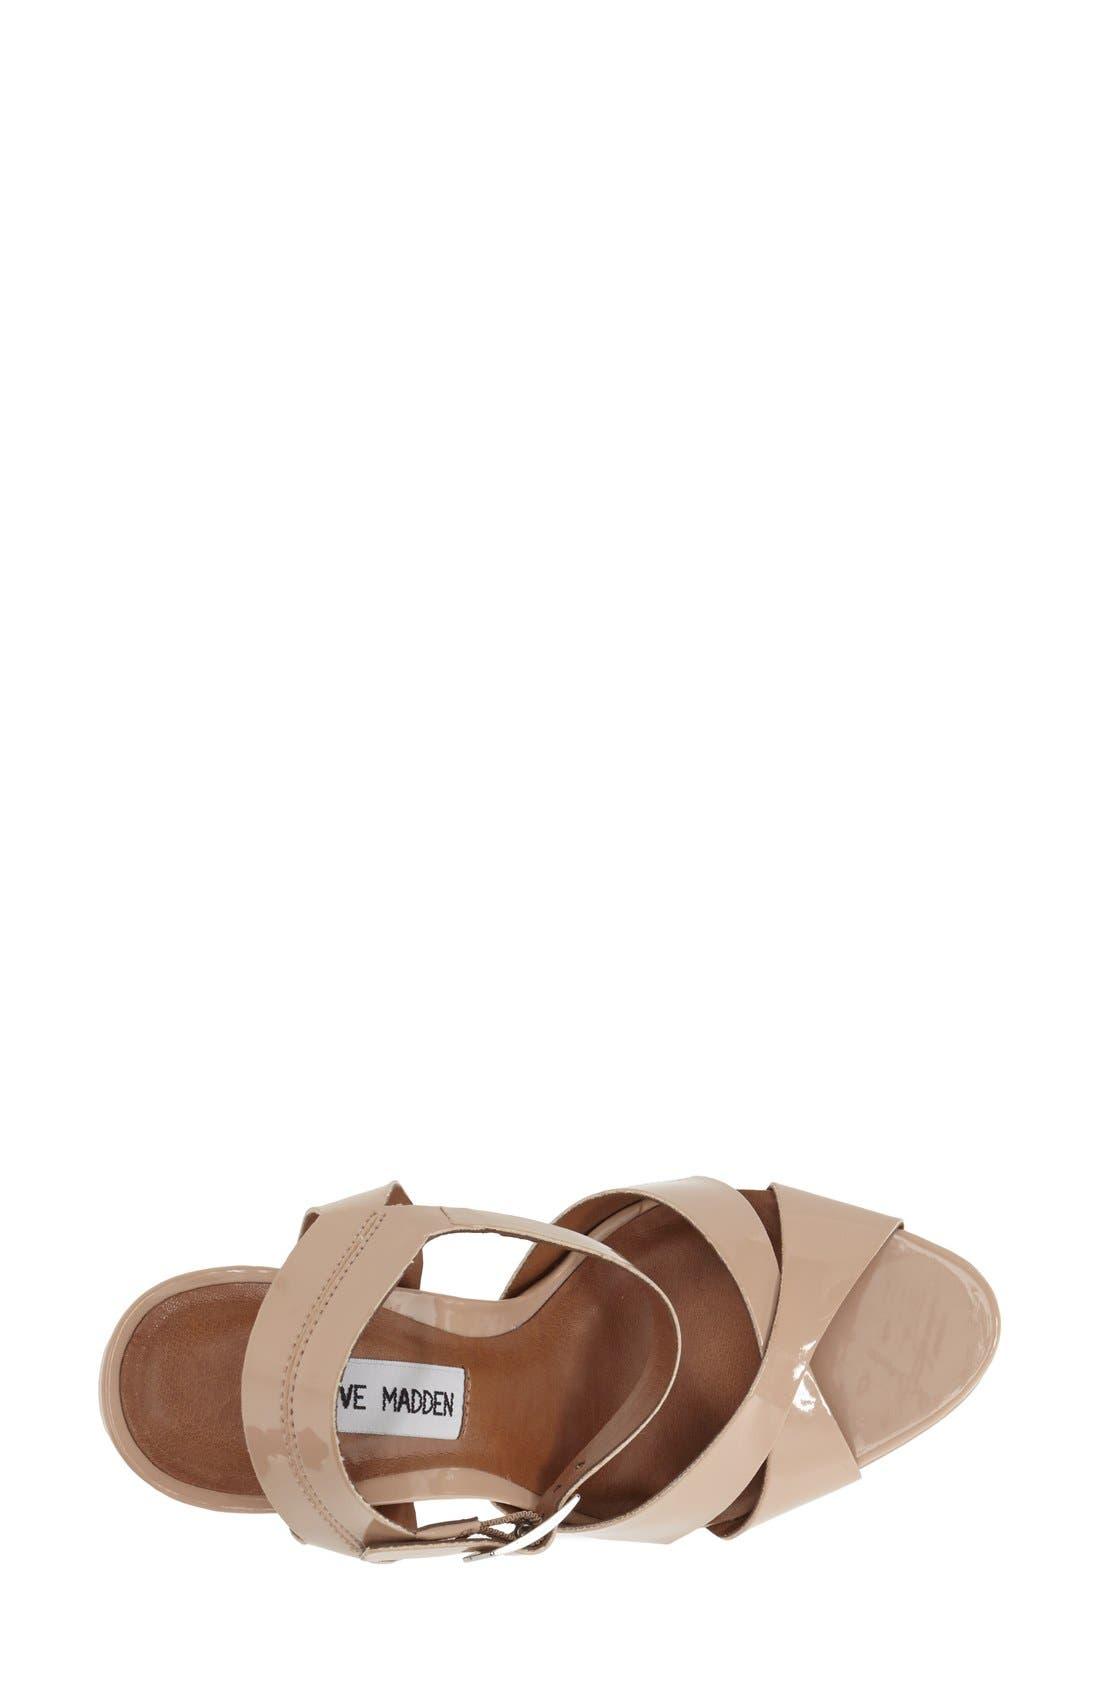 Alternate Image 3  - Steve Madden 'Sylva' Platform Sandal (Women)